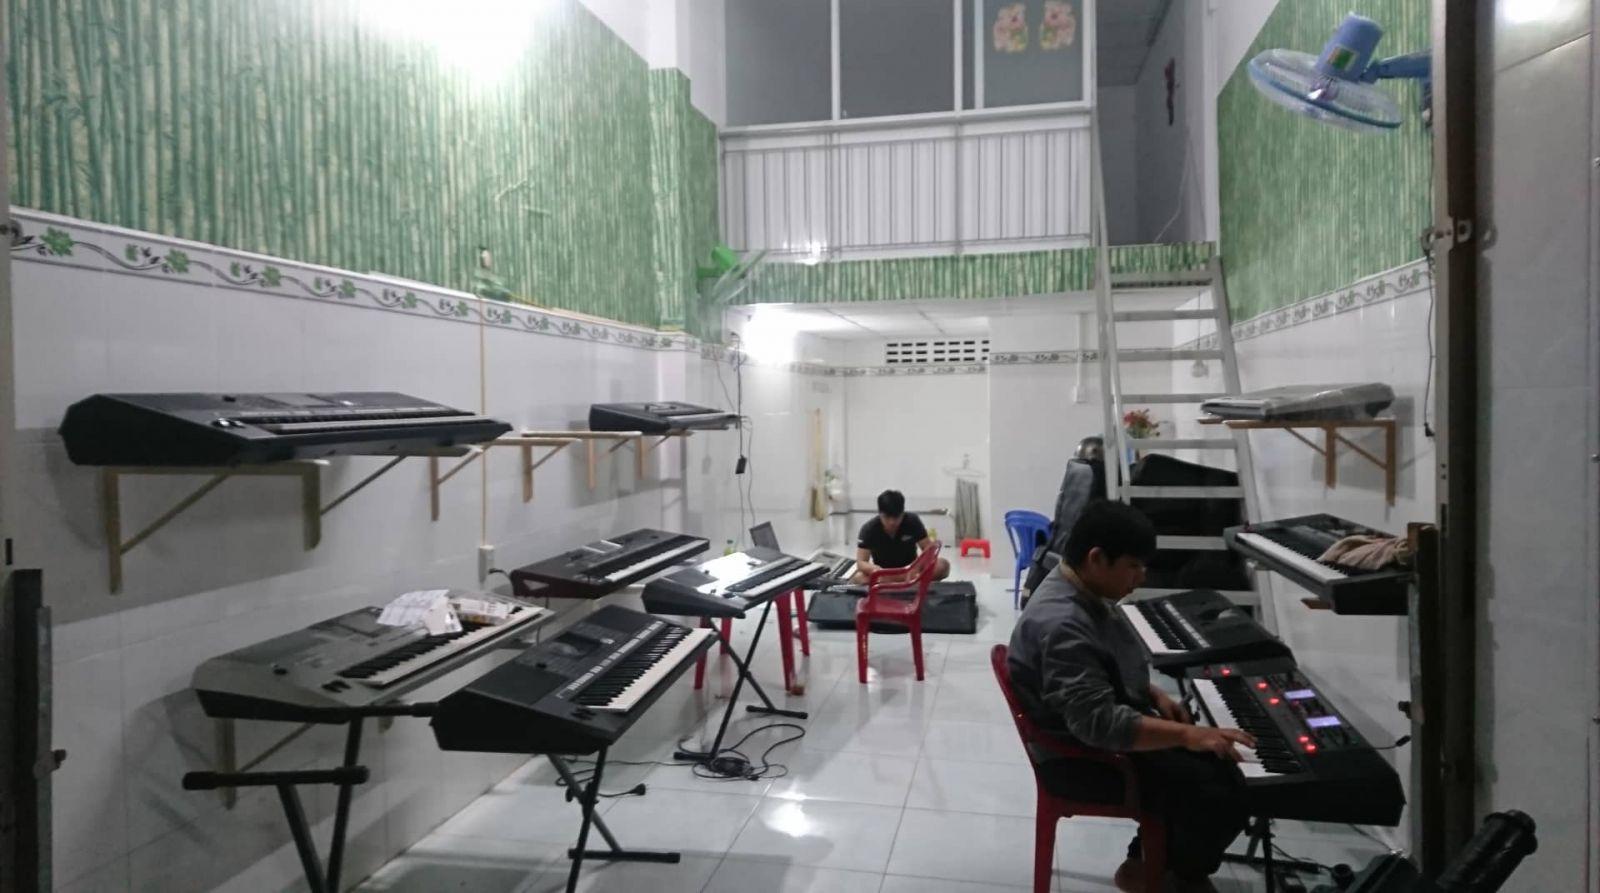 mua bán dạy đàn organ ở long an